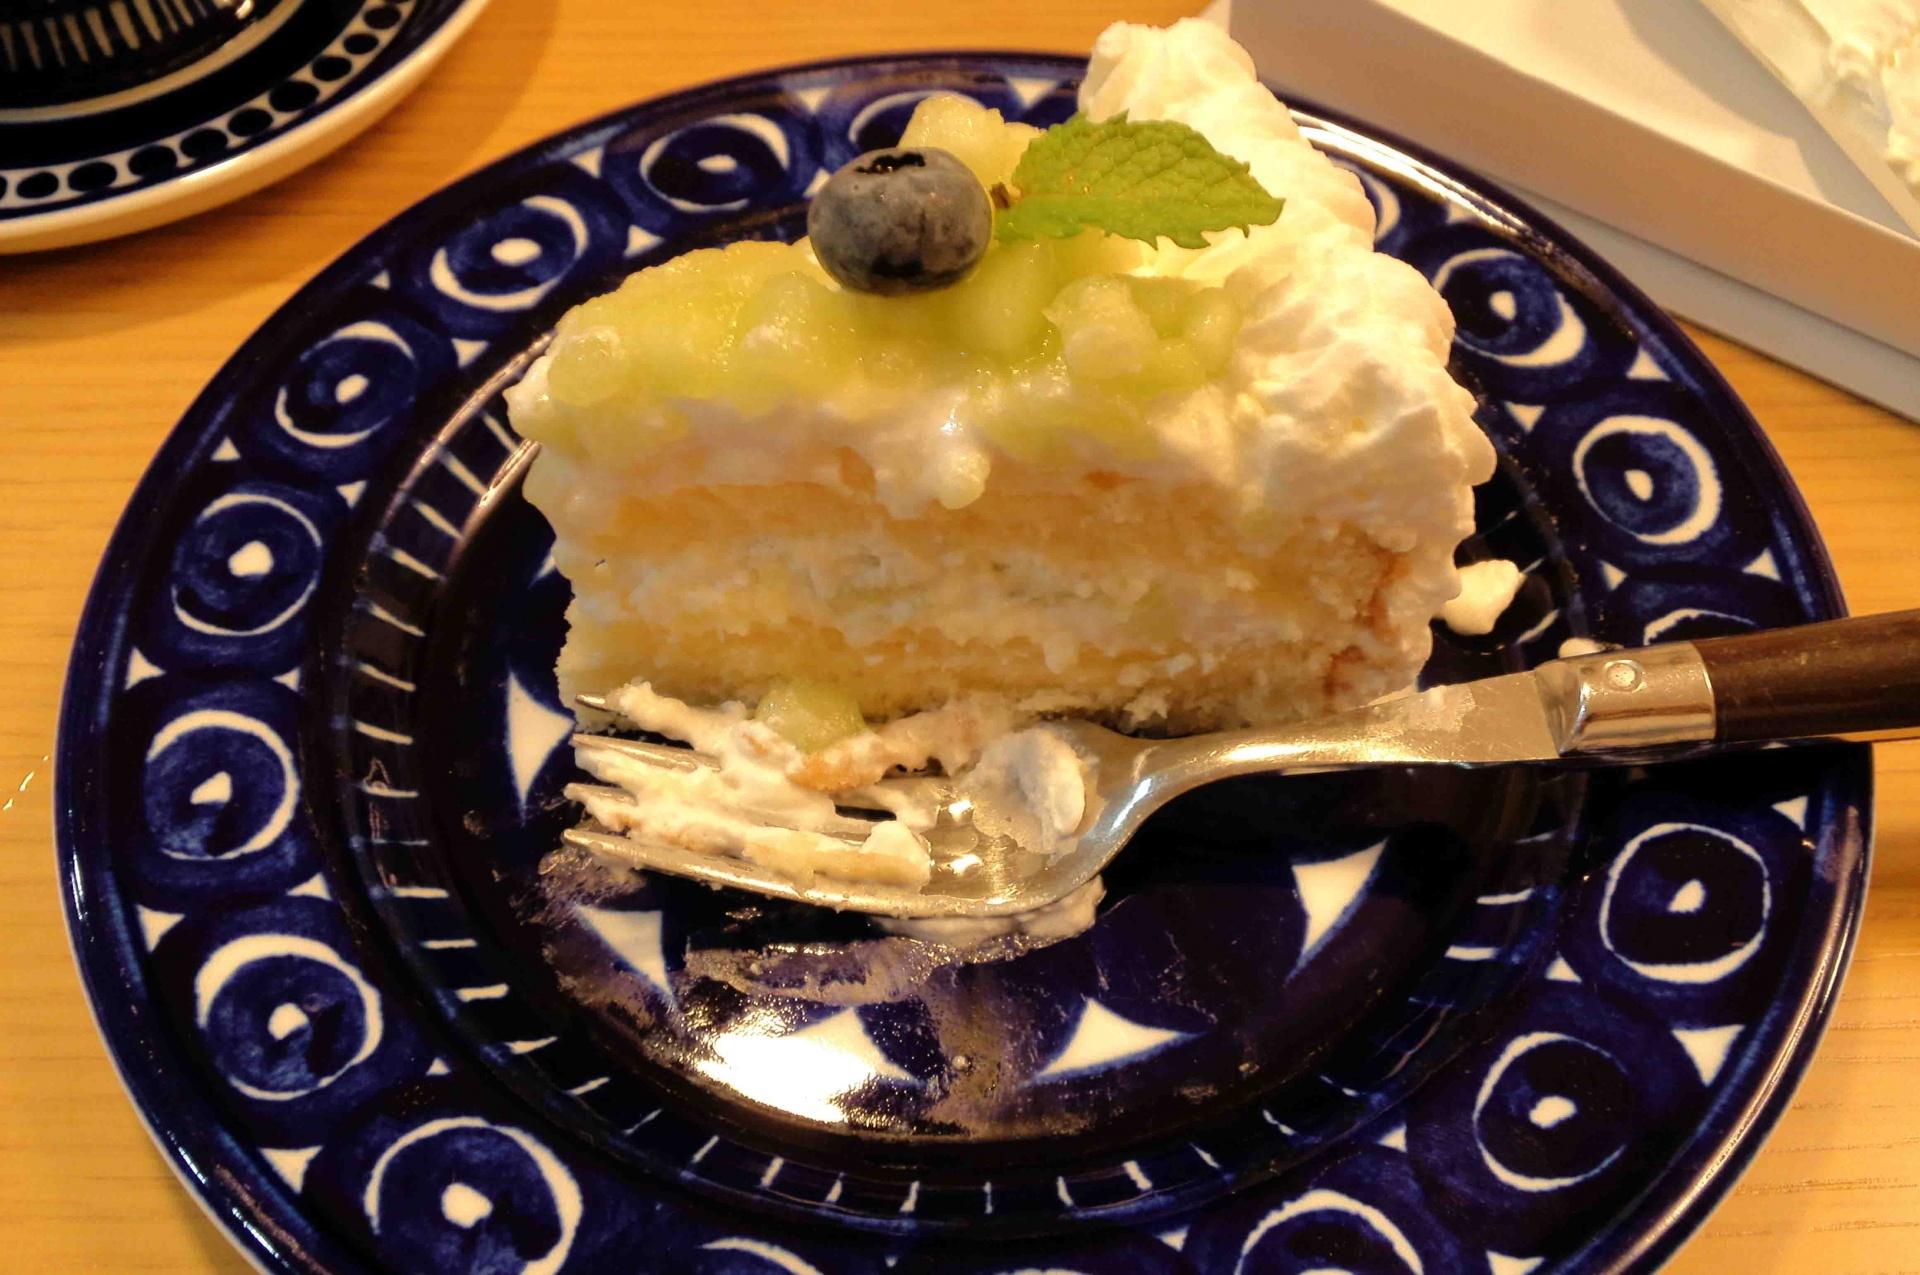 農家のケーキ屋さんガーデン・スタッフのメロンショートケーキ